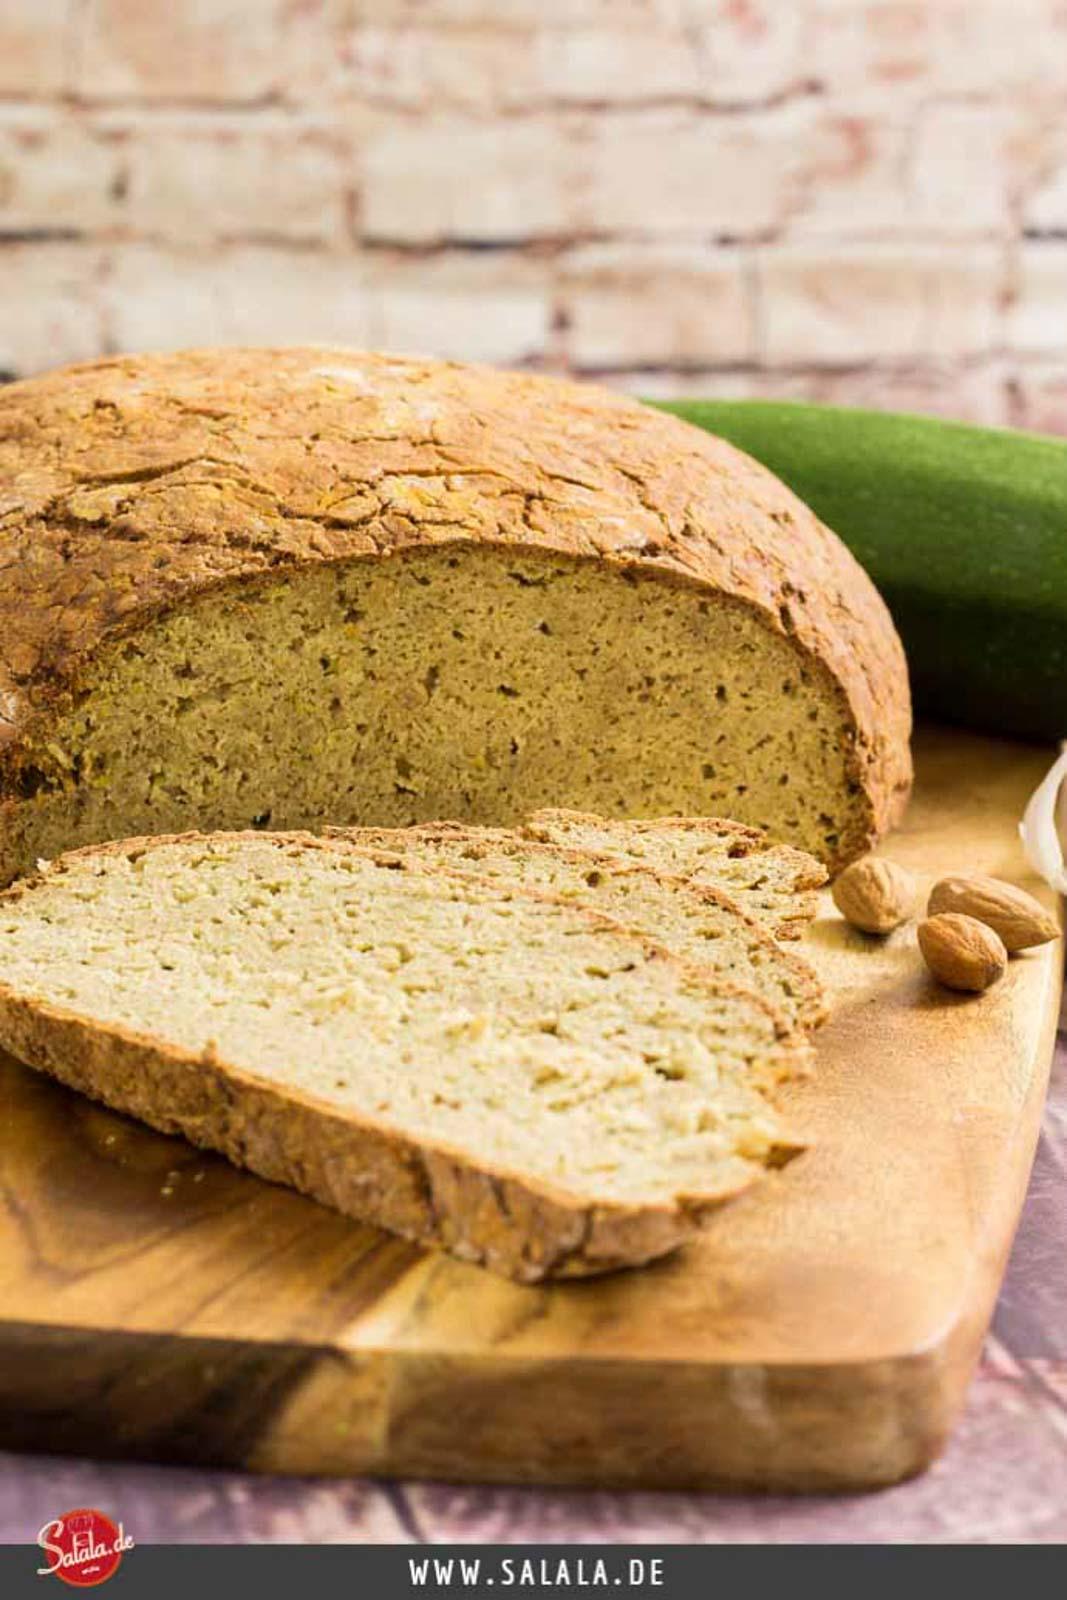 Low Carb Zucchinibrot Rezept - by salala.de - ohne Mehl, glutenfrei und 4g Ballaststoffe #glutenfrei #lowcarbbrot #zucchini #zucchinibrot #brotohnemehl #lowcarb #rezepte